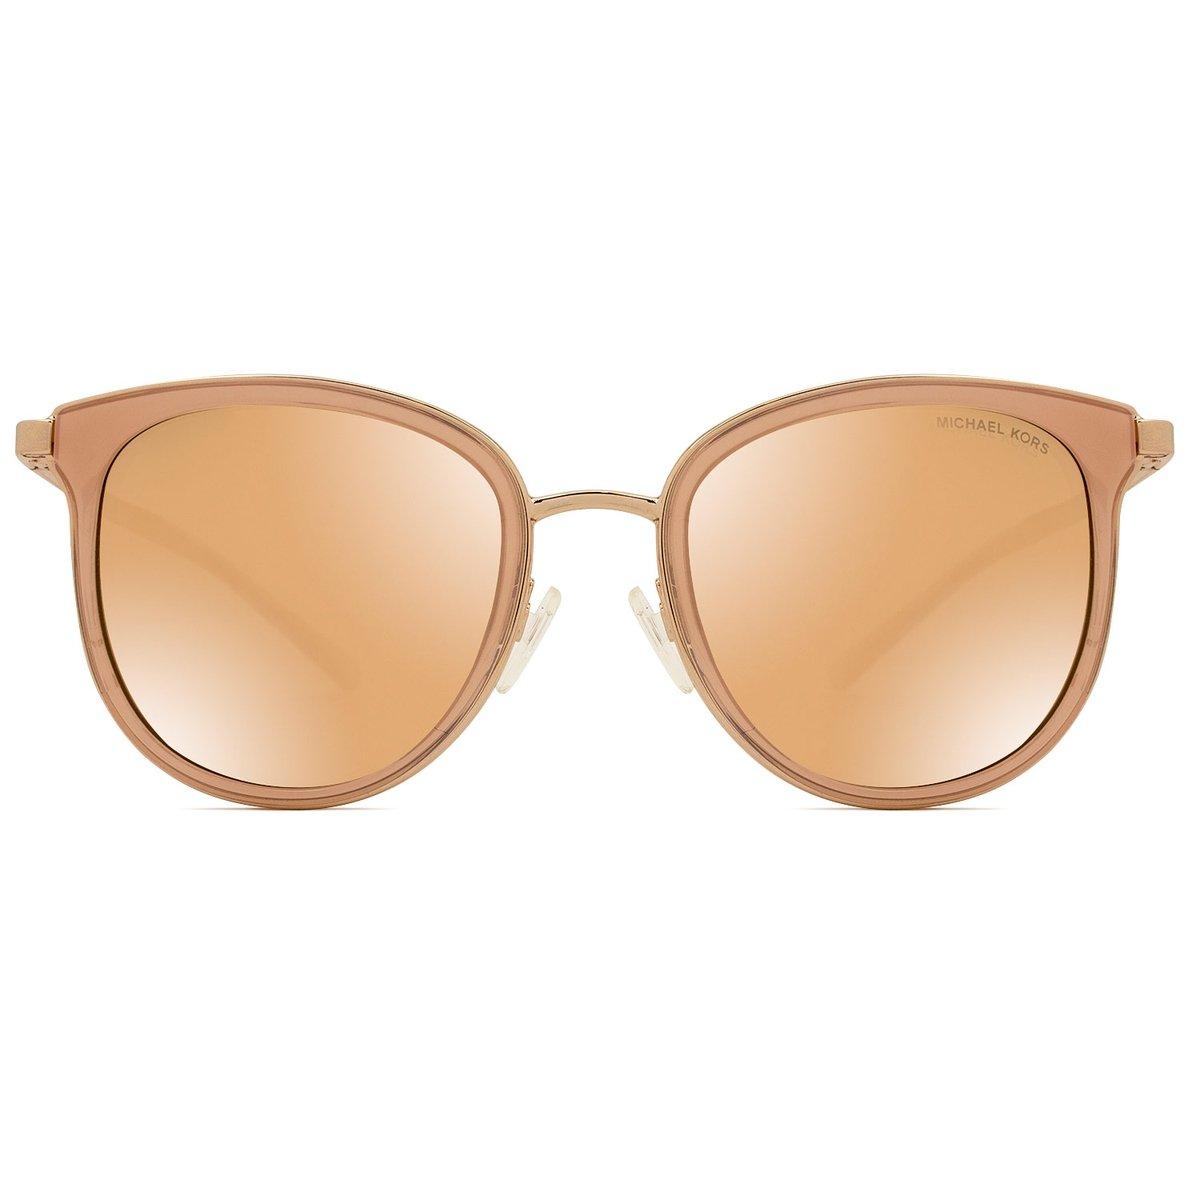 fc07e8d1fd1f3 Óculos de Sol Michael Kors Adrianna I MK1010 1103R1-54 Feminino - Compre  Agora   Netshoes